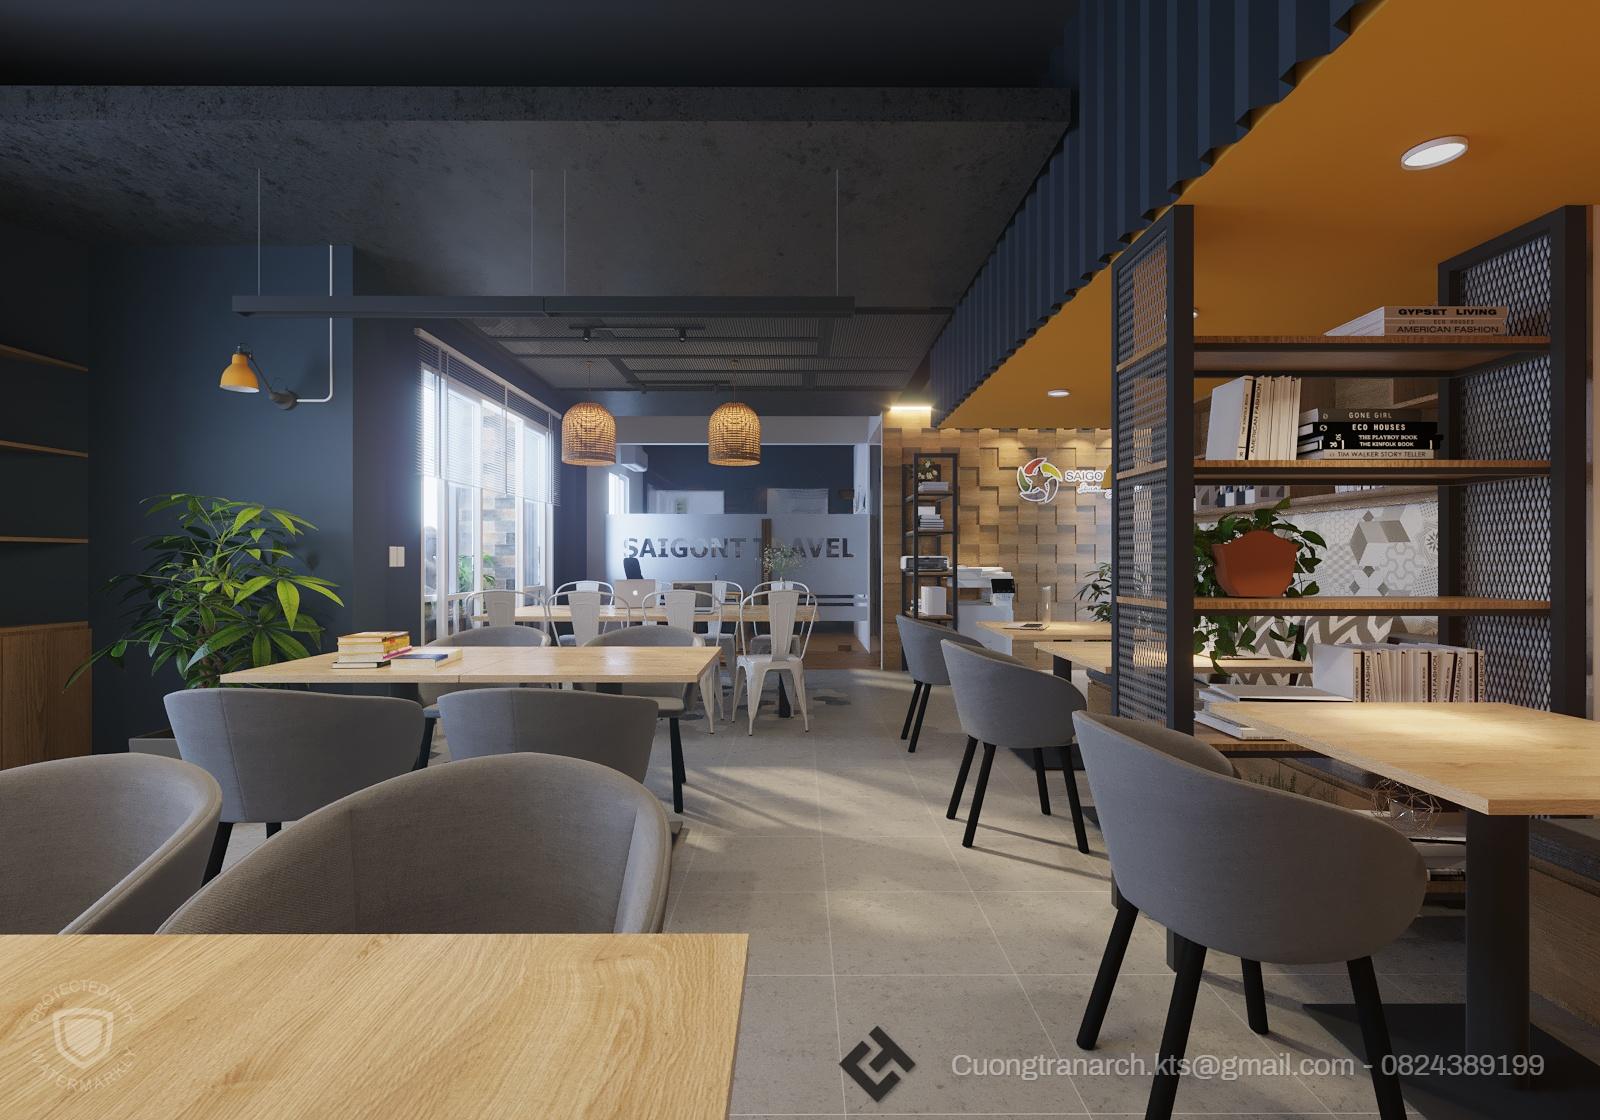 thiết kế nội thất Văn Phòng tại Hồ Chí Minh VĂN PHÒNG LÀM VIỆC CÔNG TY VIET TRAVEL - VIET TRAVEL OFFICE 1 1562142886